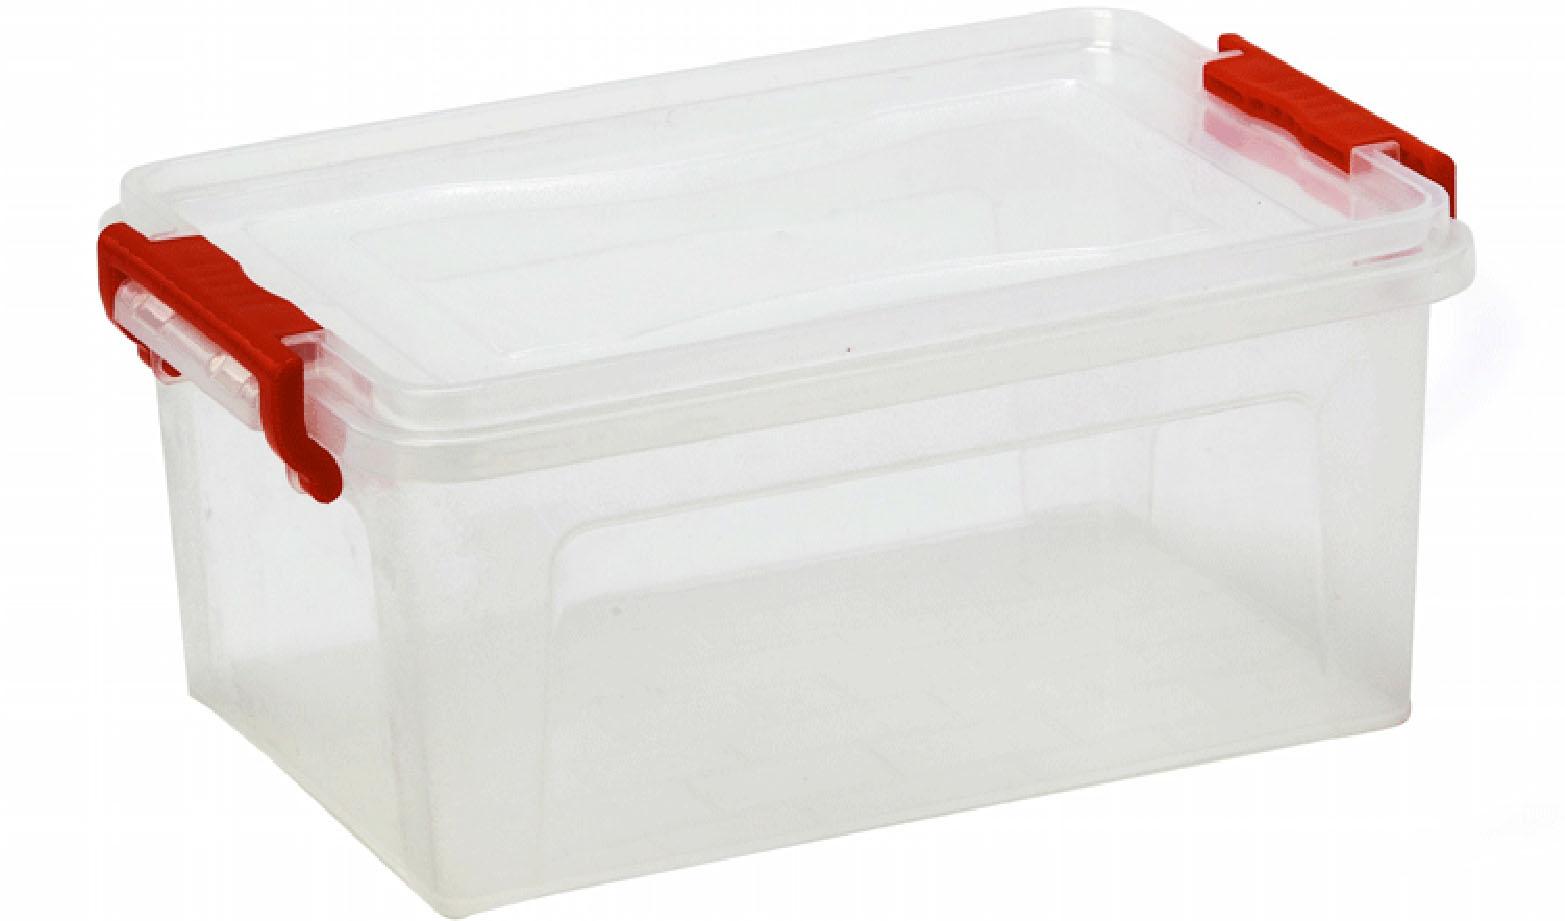 Контейнер для хранения Idea, прямоугольный, цвет: прозрачный, 20 л контейнер для хранения idea прямоугольный цвет салатовый прозрачный 8 5 л